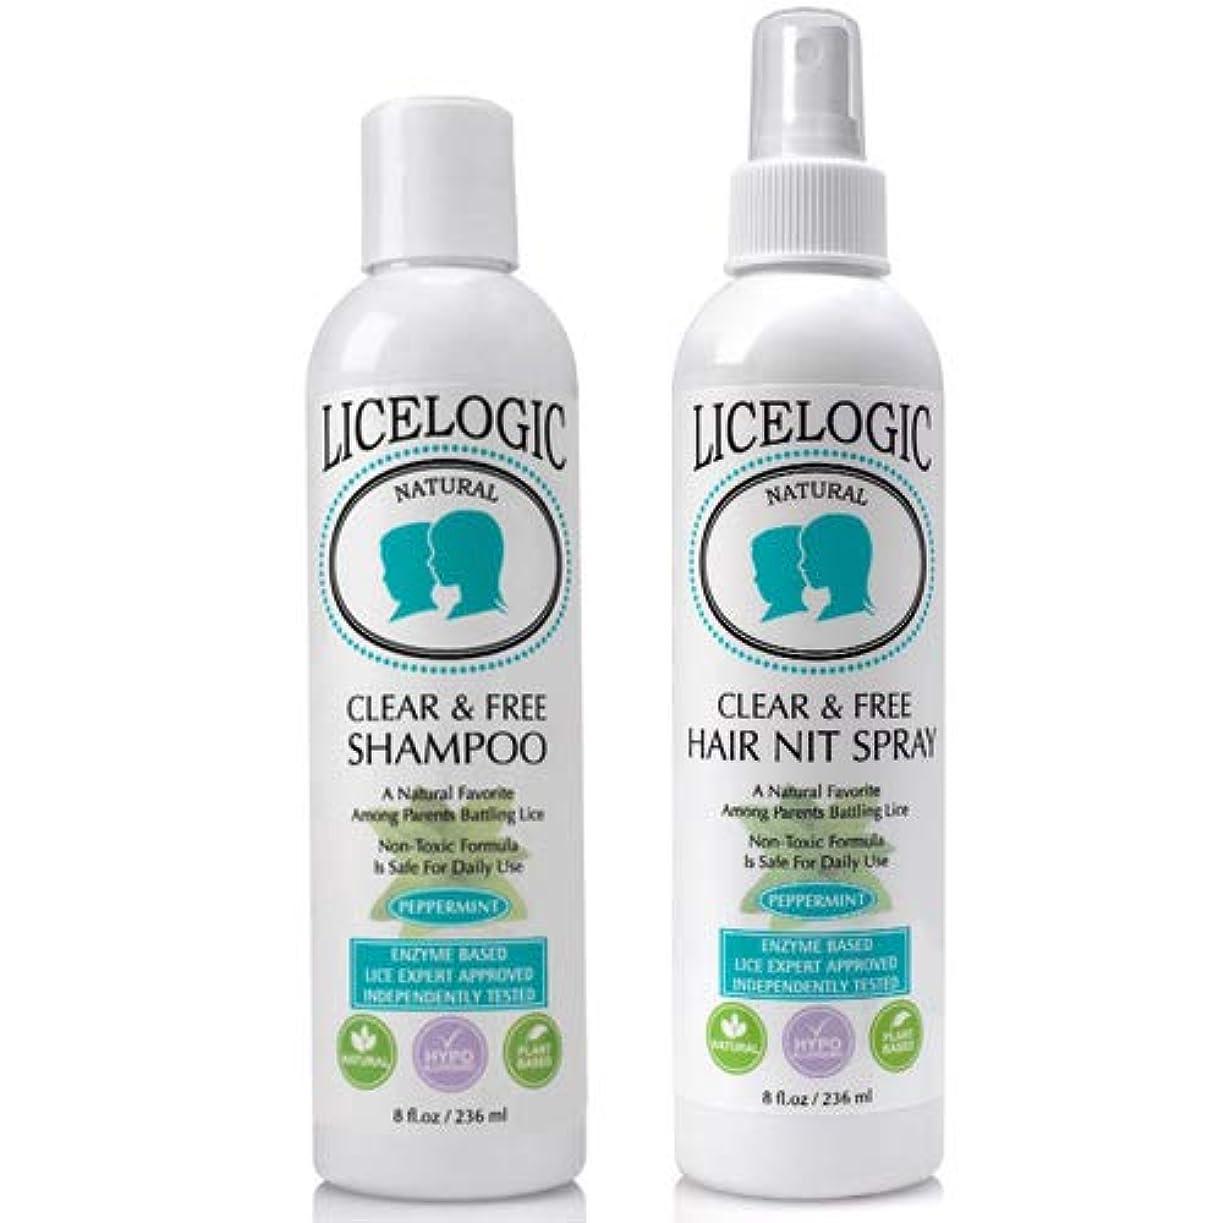 酸っぱいメタン再開Lice Logic 植物由来の高濃度ブレンド酵素配合 Clear and Free シャンプー ヘアニットスプレー 2点セット(ペパーミント)各236ml